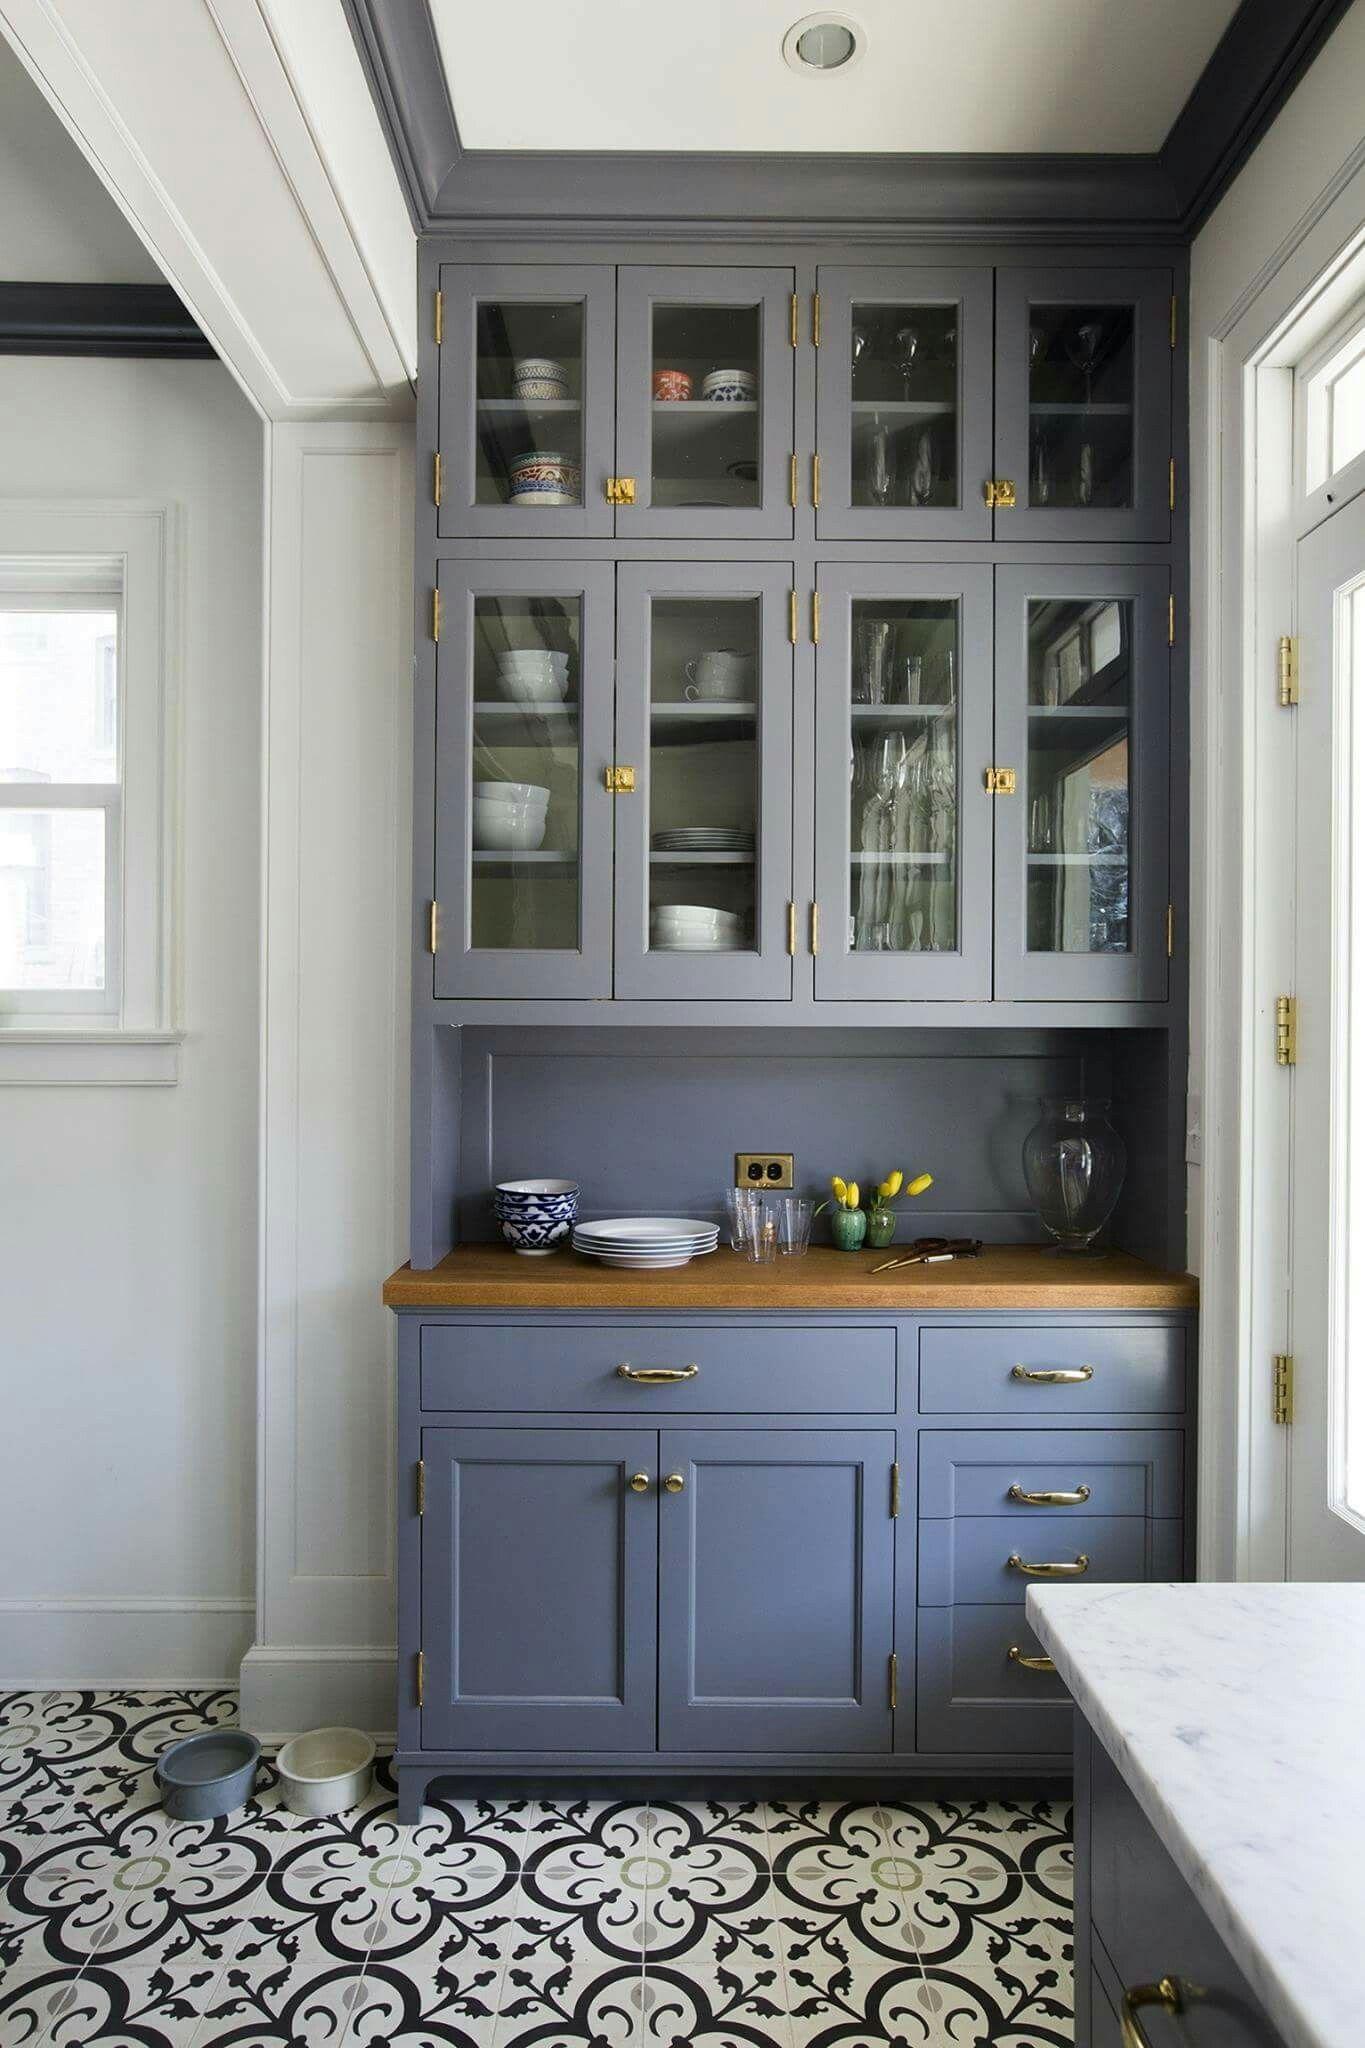 Möbel Restaurieren, Haus Einrichten, Einrichten Und Wohnen, Küchen Ideen,  Bodenbelag, Fliesen, Mein Traumhaus, Neue Wohnung, Mein Haus